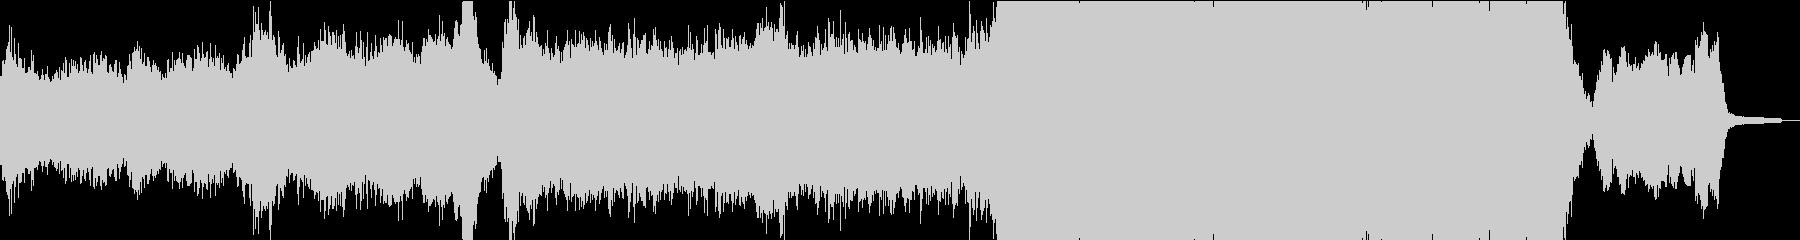 クールなオーケストラとロックの未再生の波形